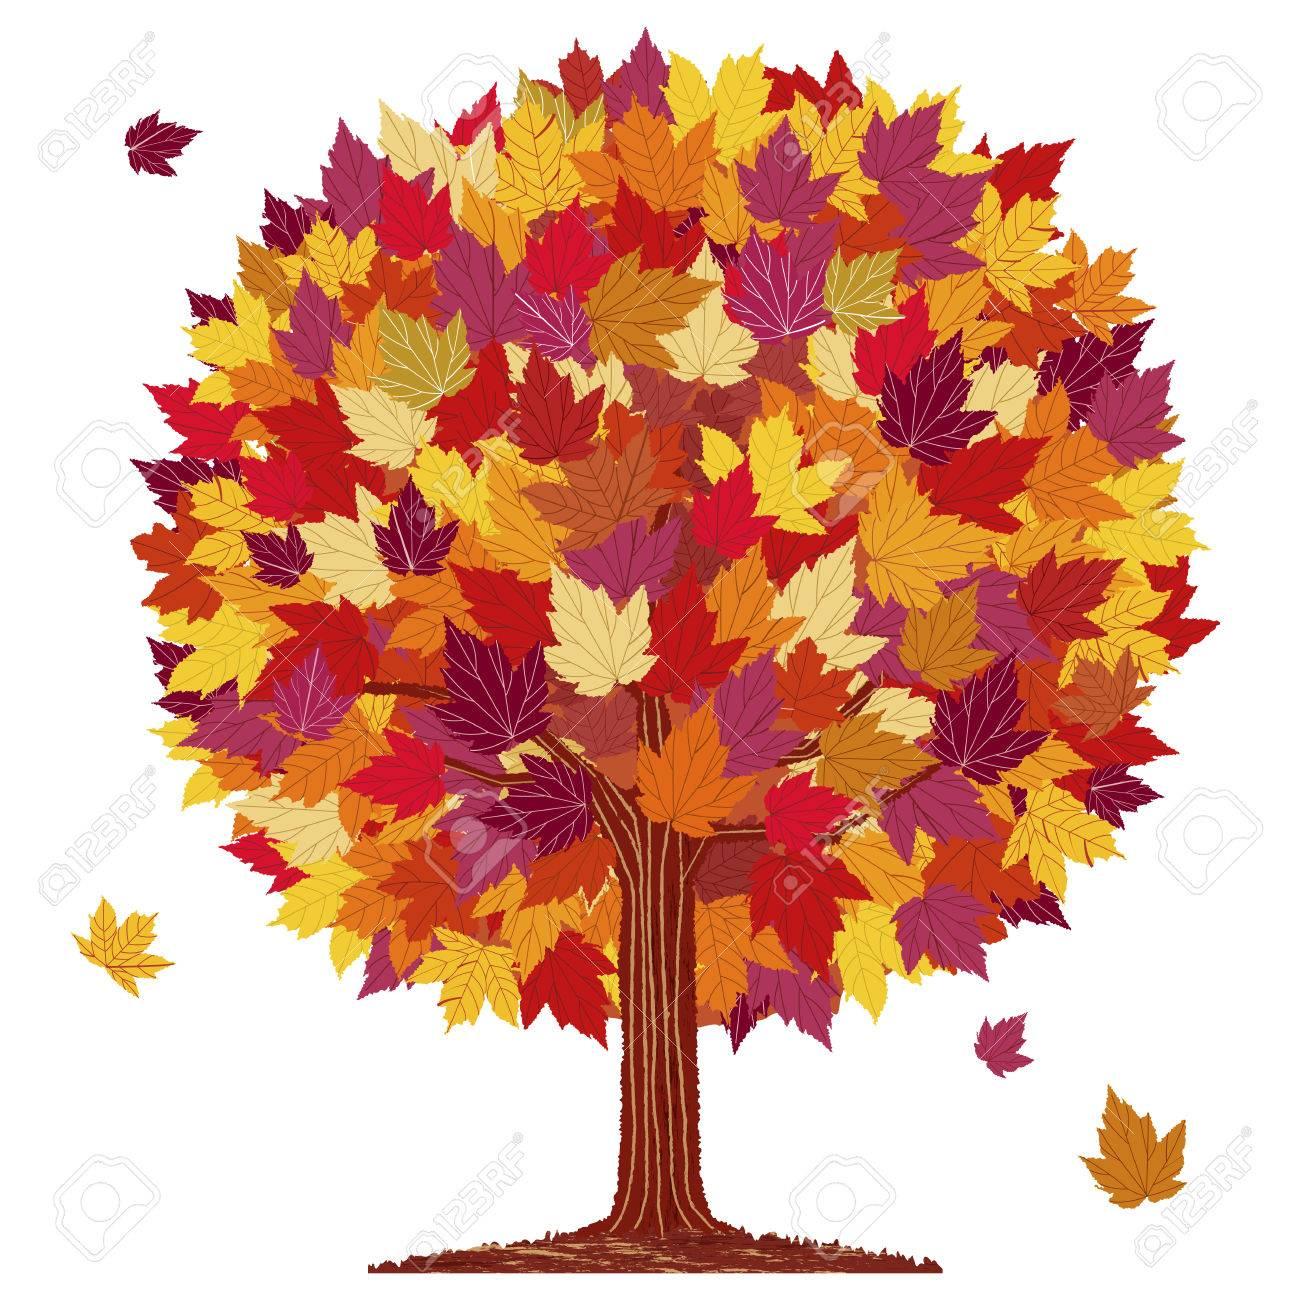 automne isolé feuille rouge arbre balle sur fond blanc. clip art